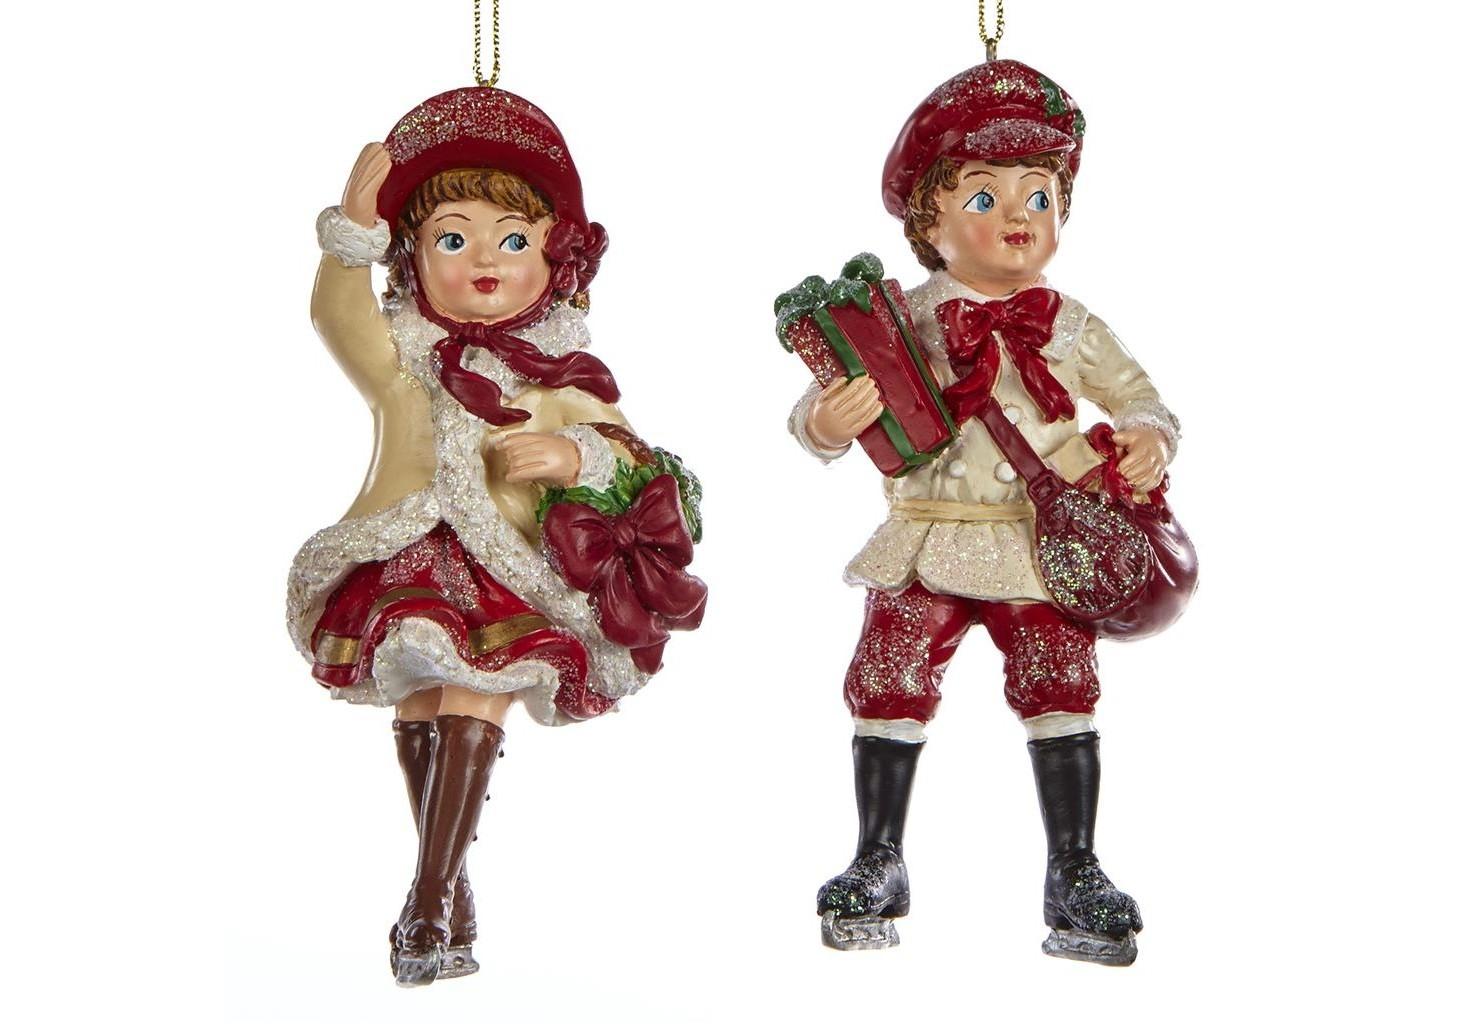 Набор украшений Викторианские дети с подарками (2шт)Новогодние игрушки<br><br><br>Material: Полистоун<br>Width см: 6<br>Depth см: 5<br>Height см: 12